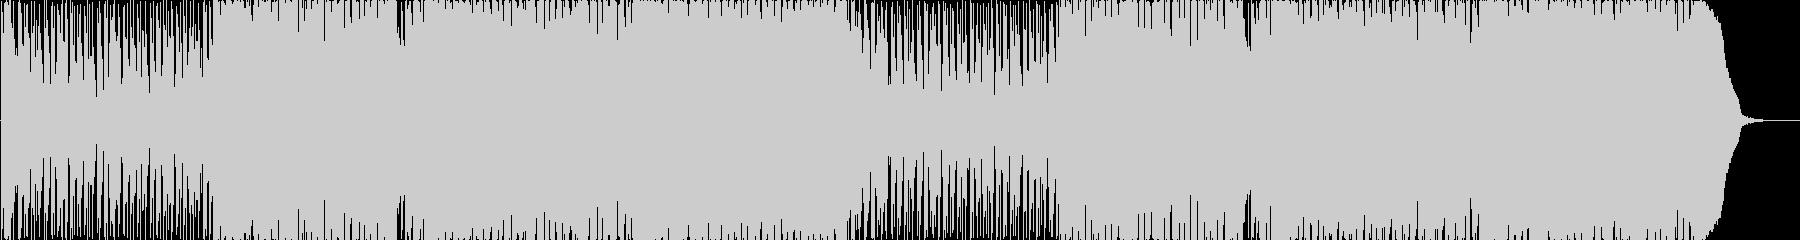 三味線がメインのお洒落なEDMの未再生の波形